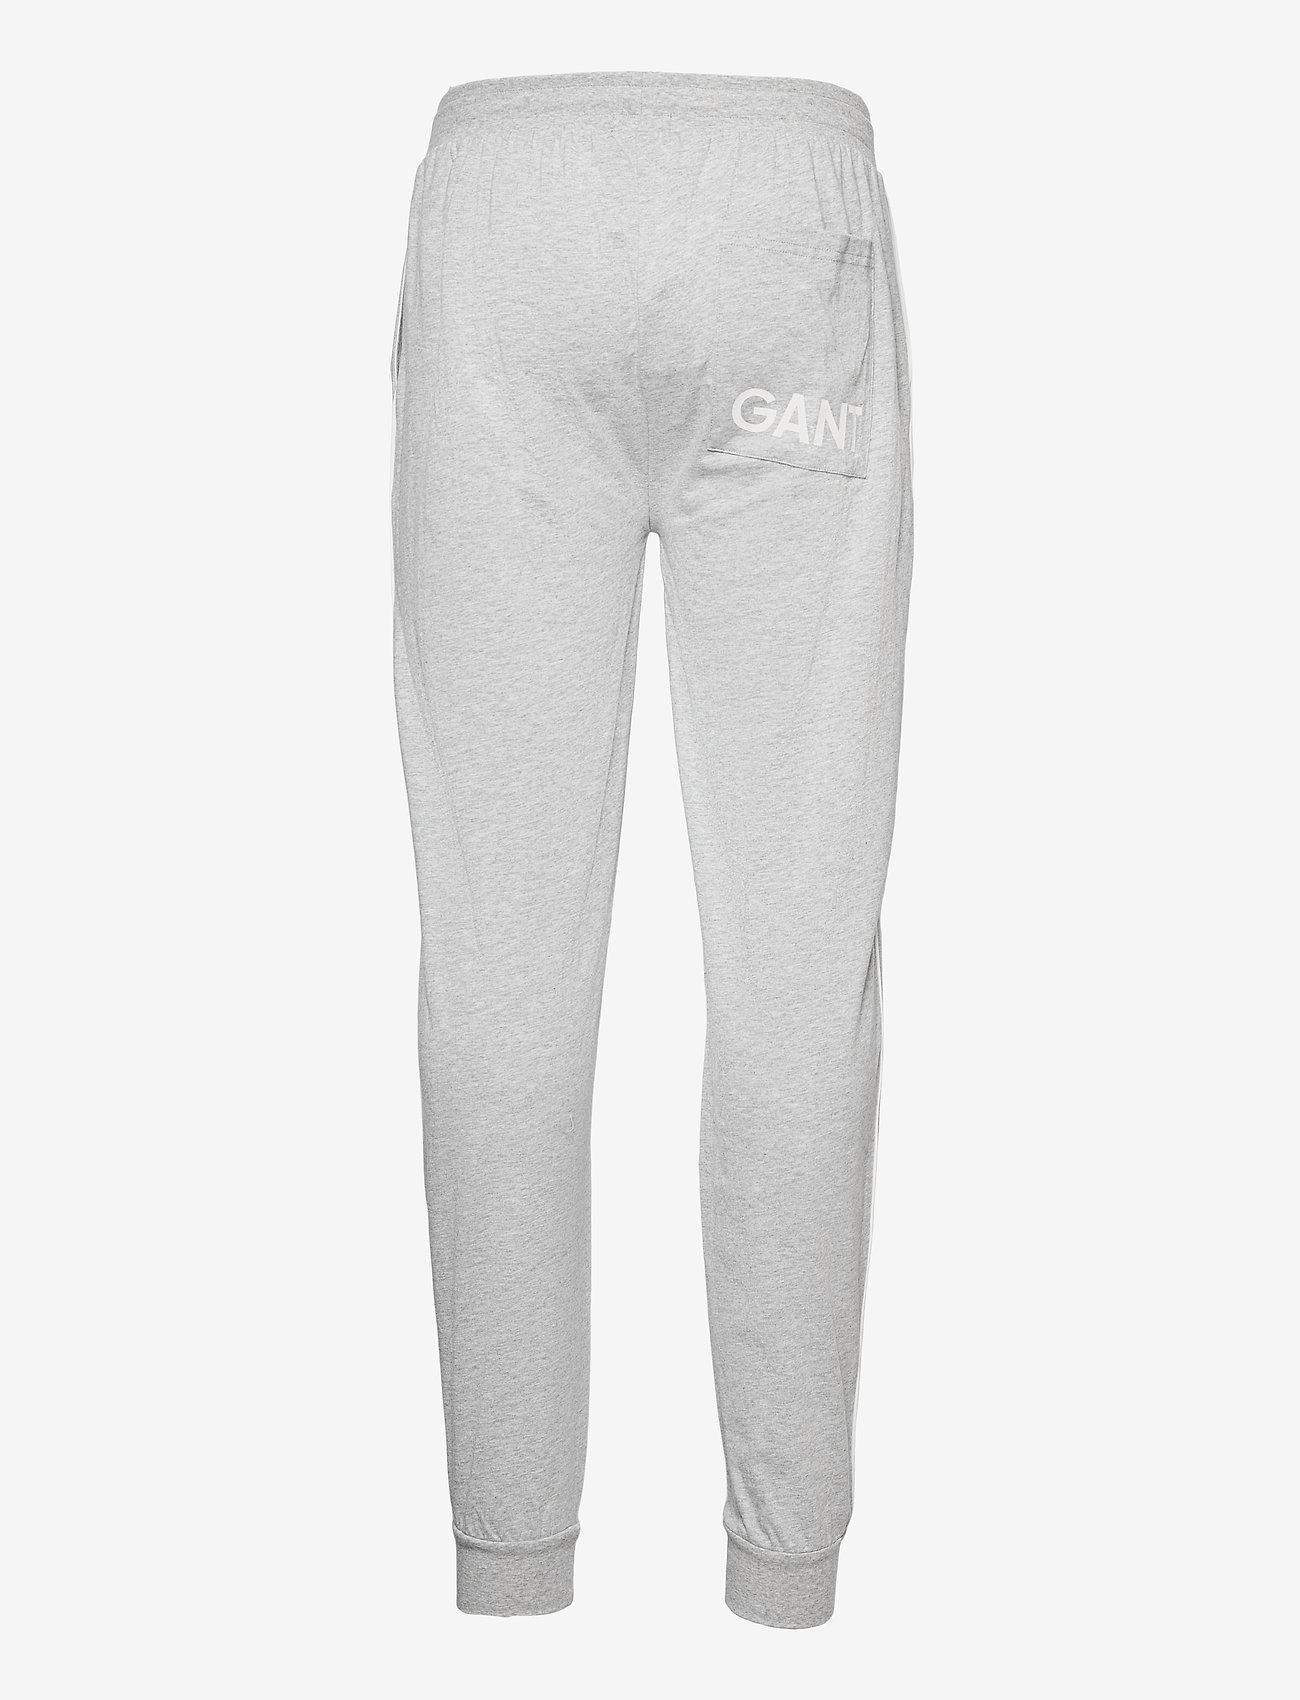 GANT - JERSEY PAJAMA PANTS - bottoms - light grey melange - 1